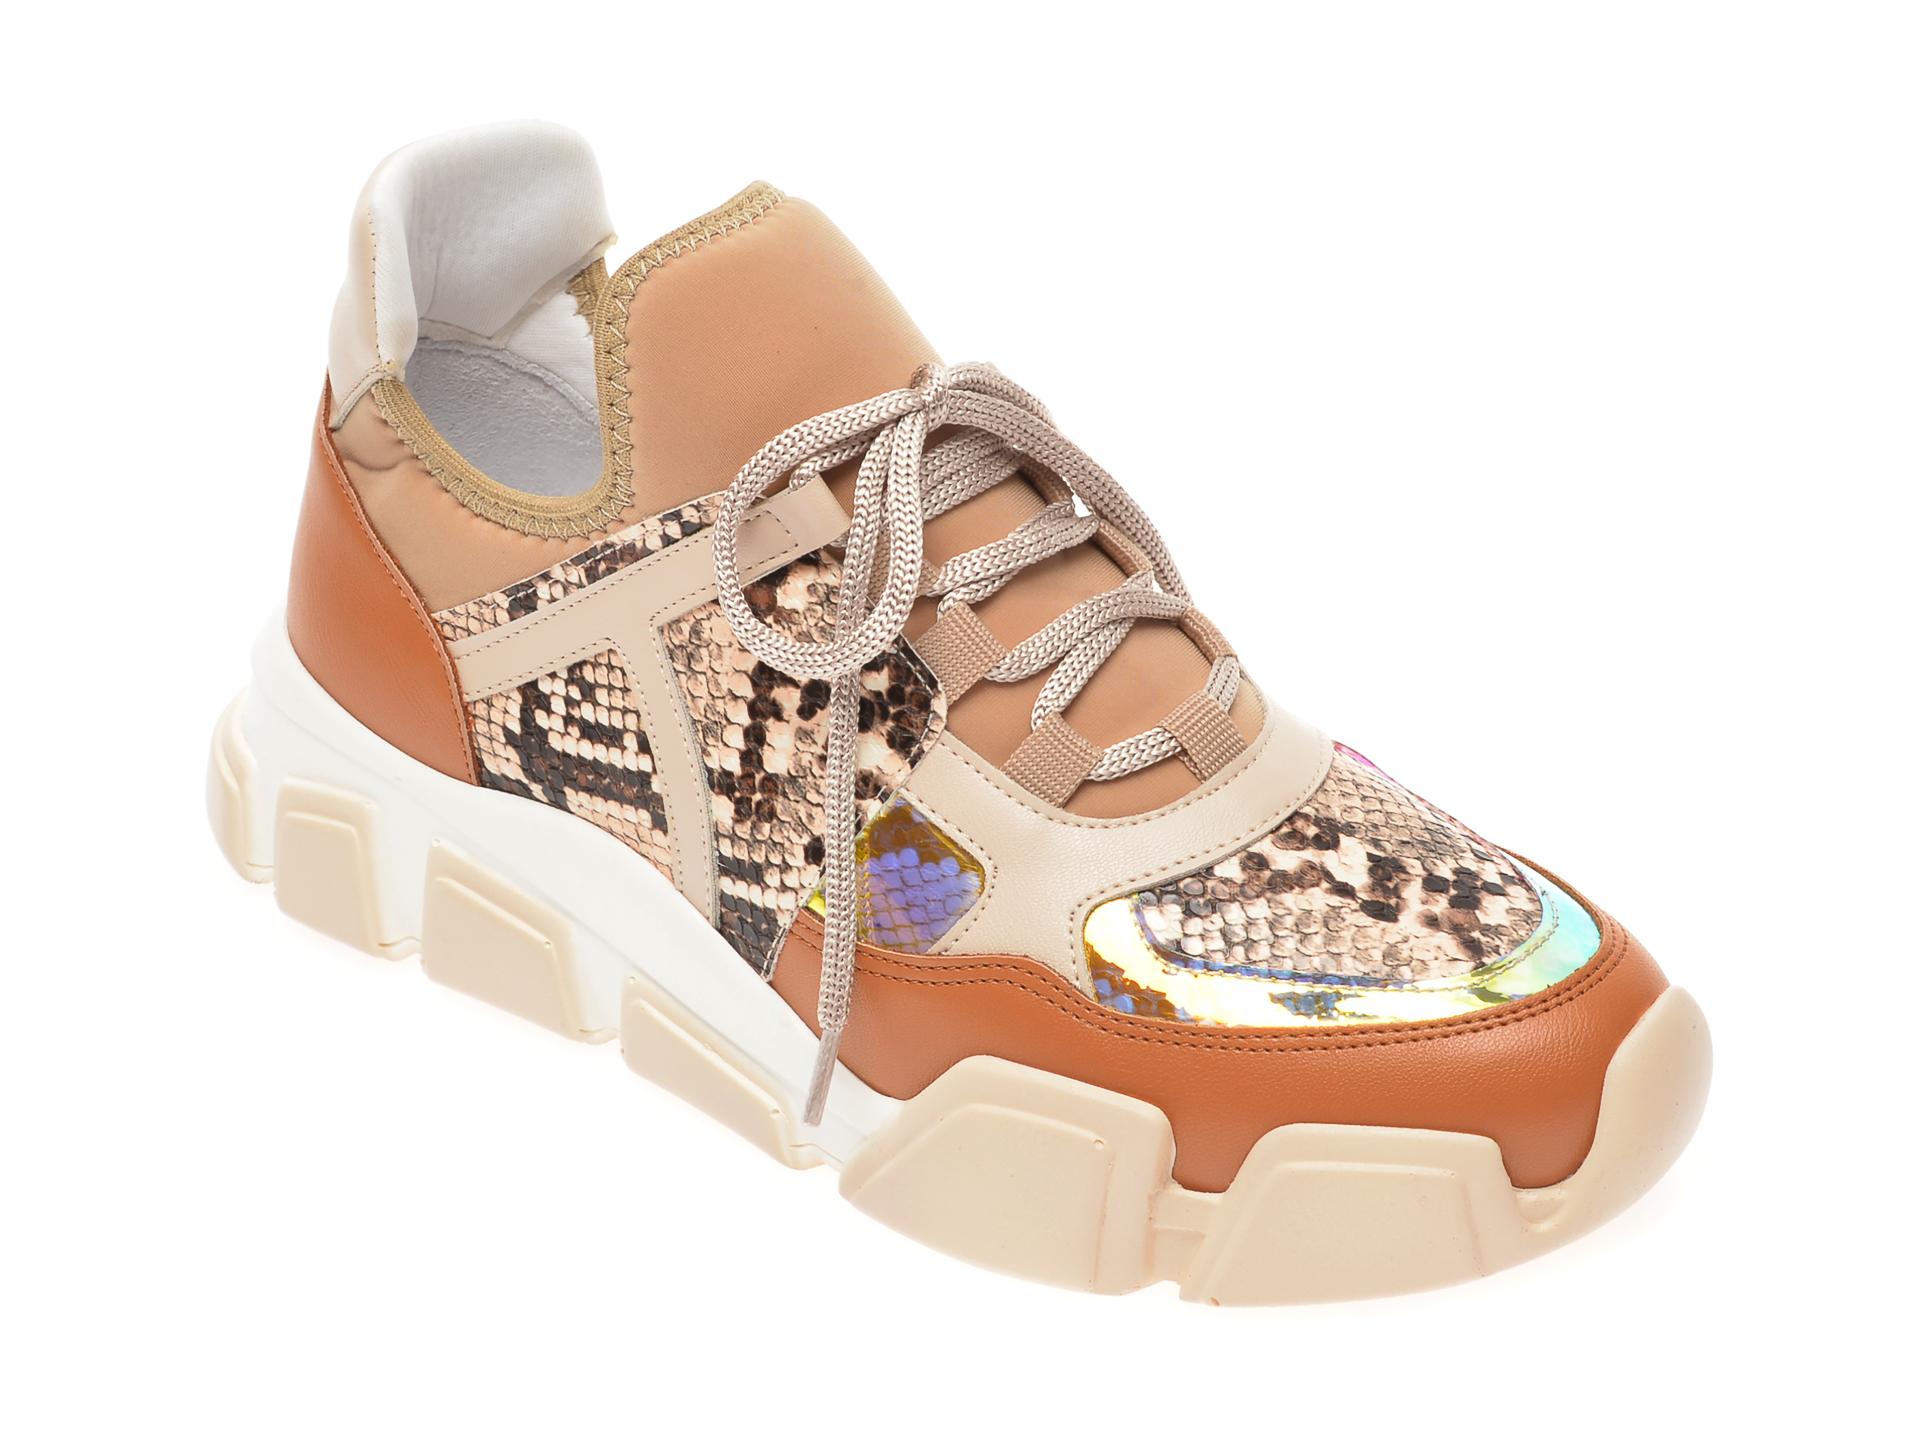 Pantofi sport GRYXX multicolor, MO111S1, din piele ecologica